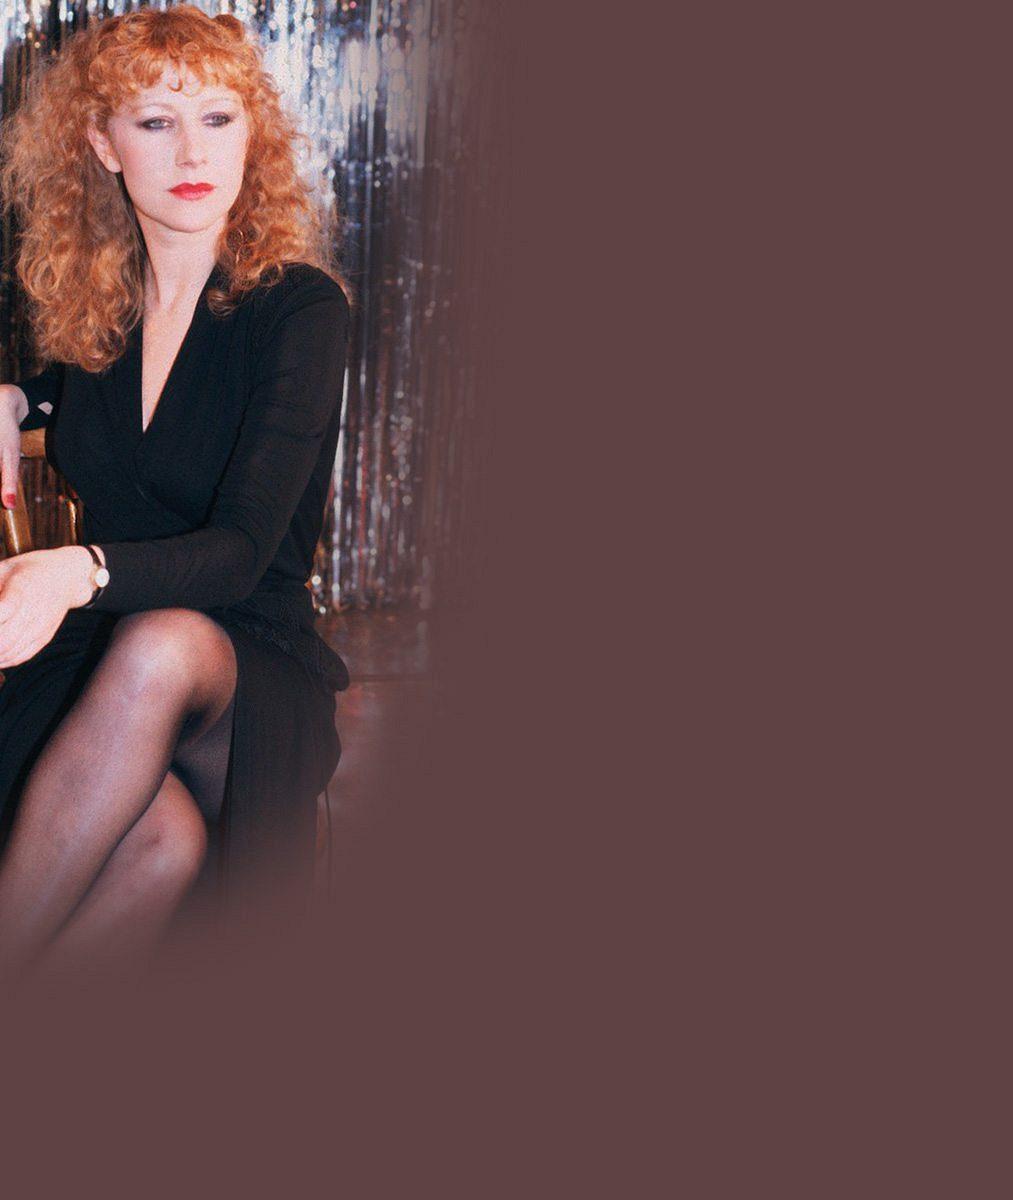 Sedmdesátnice Helen Mirren se vedle Andrewa Lloyd Webbera pěkně rozvášnila. Vyplazovala jazyk!